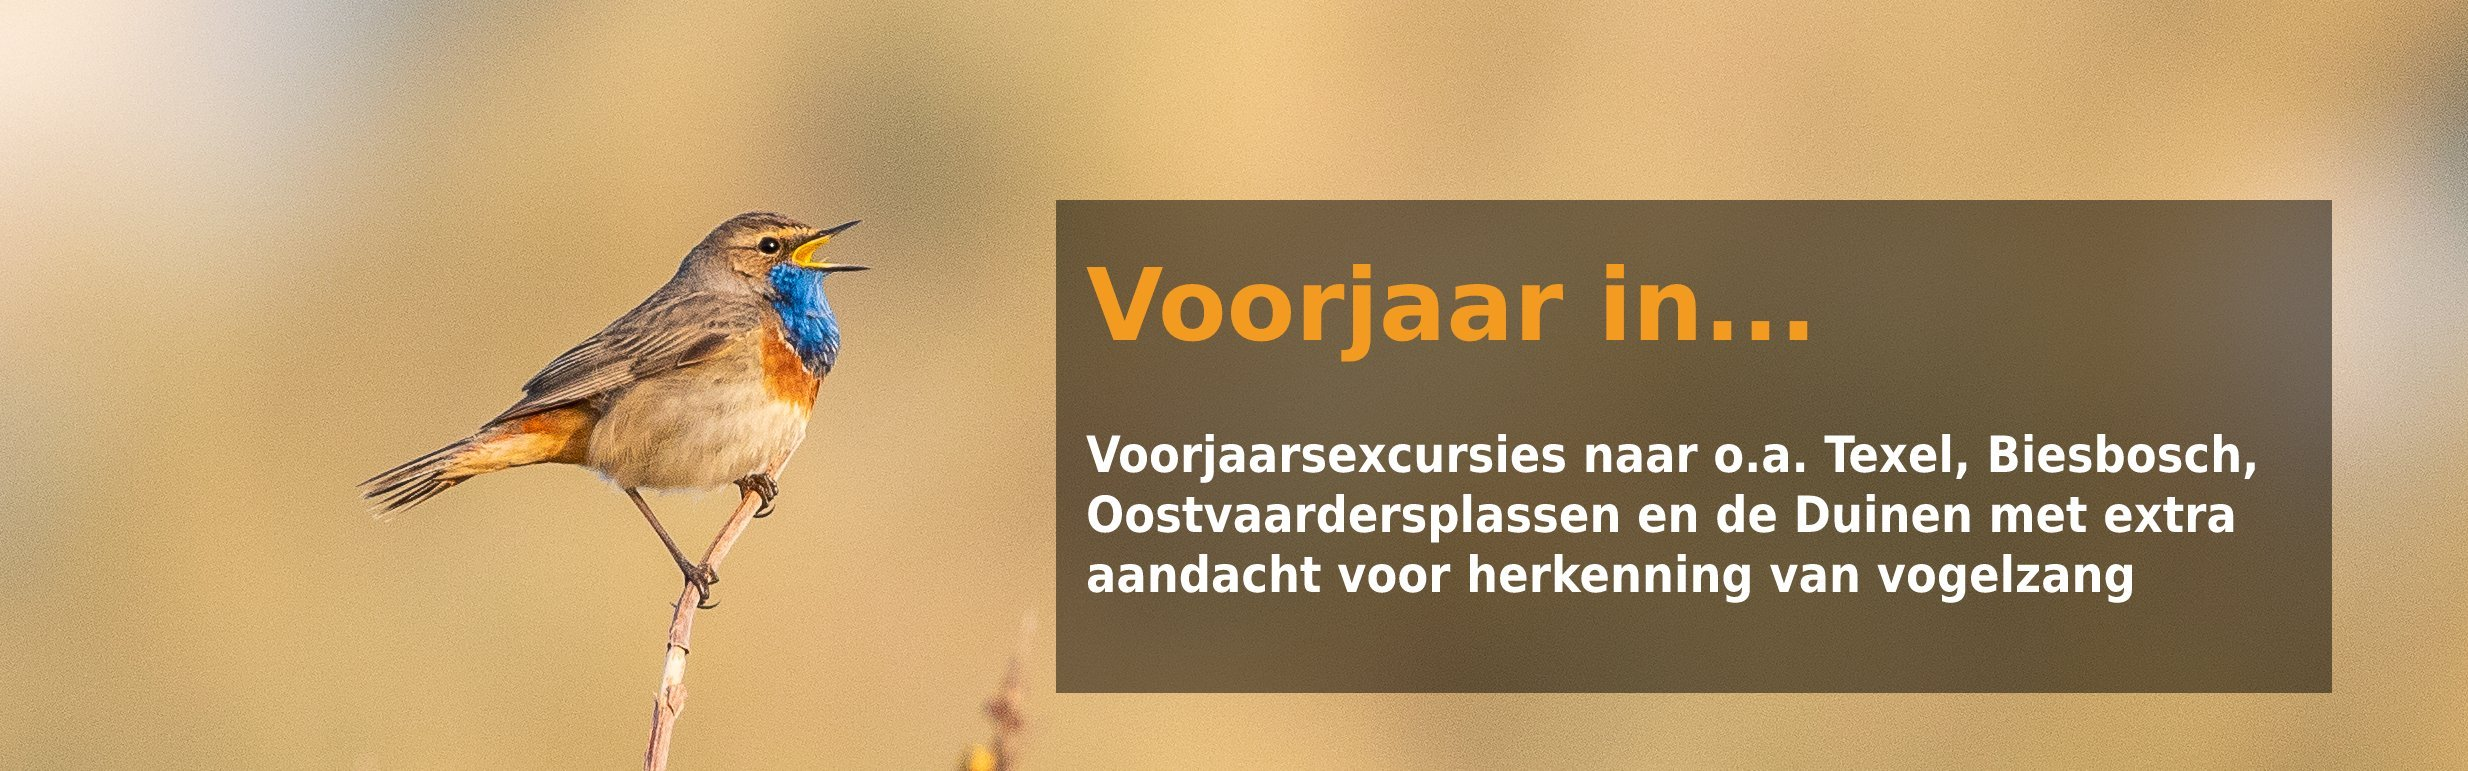 Voorjaar in Nederland